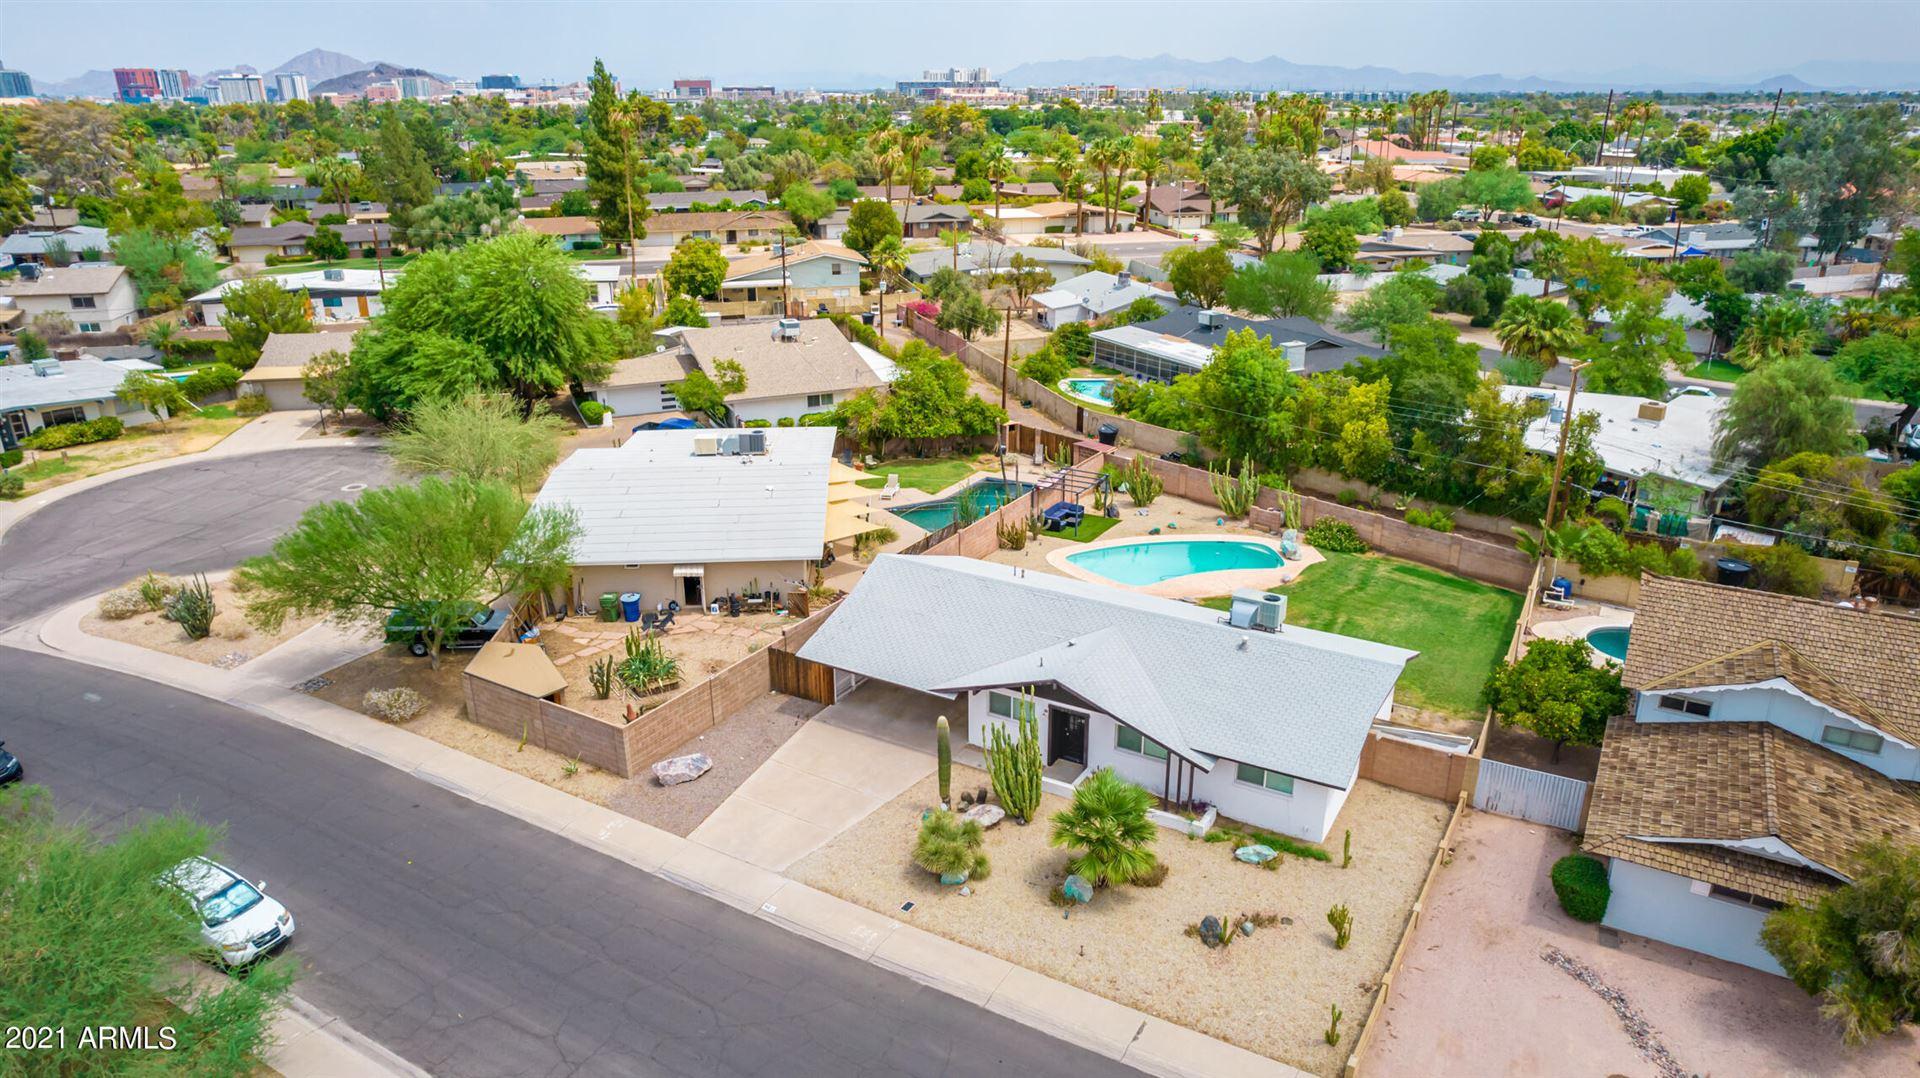 612 E WESLEYAN Drive, Tempe, AZ 85282 - MLS#: 6261197